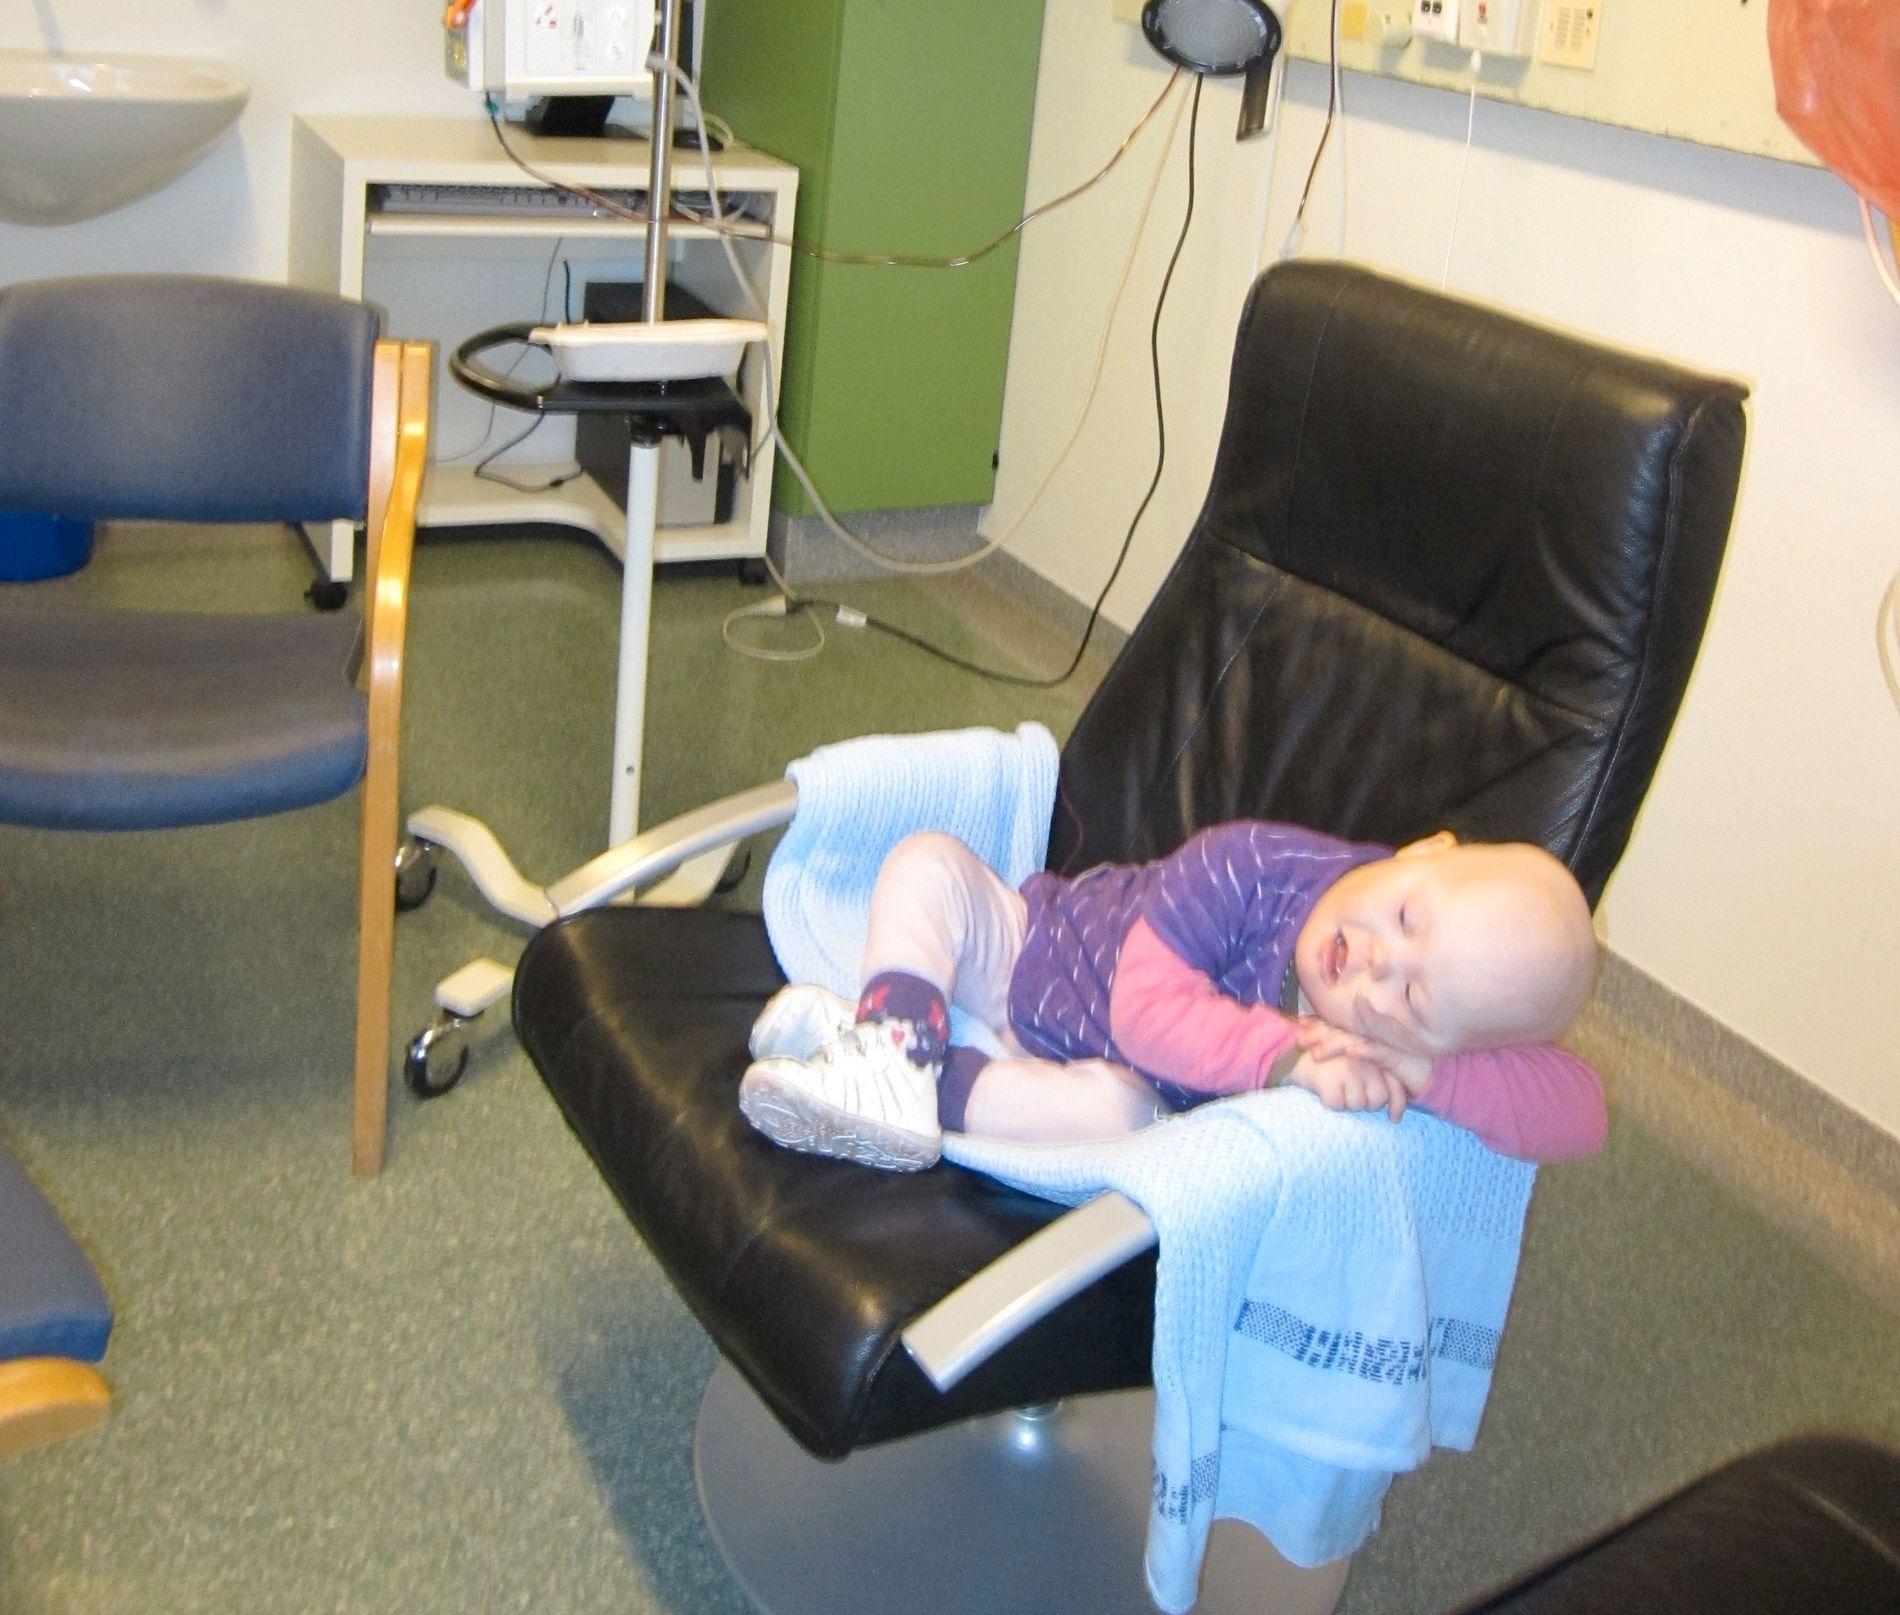 TØFF BEHANDLING: Kaia måtte gjennom et behandlingsløp med cellegift og antibiotika i to og et halvt år. Her er hun på sykehuset. Foto: PRIVAT